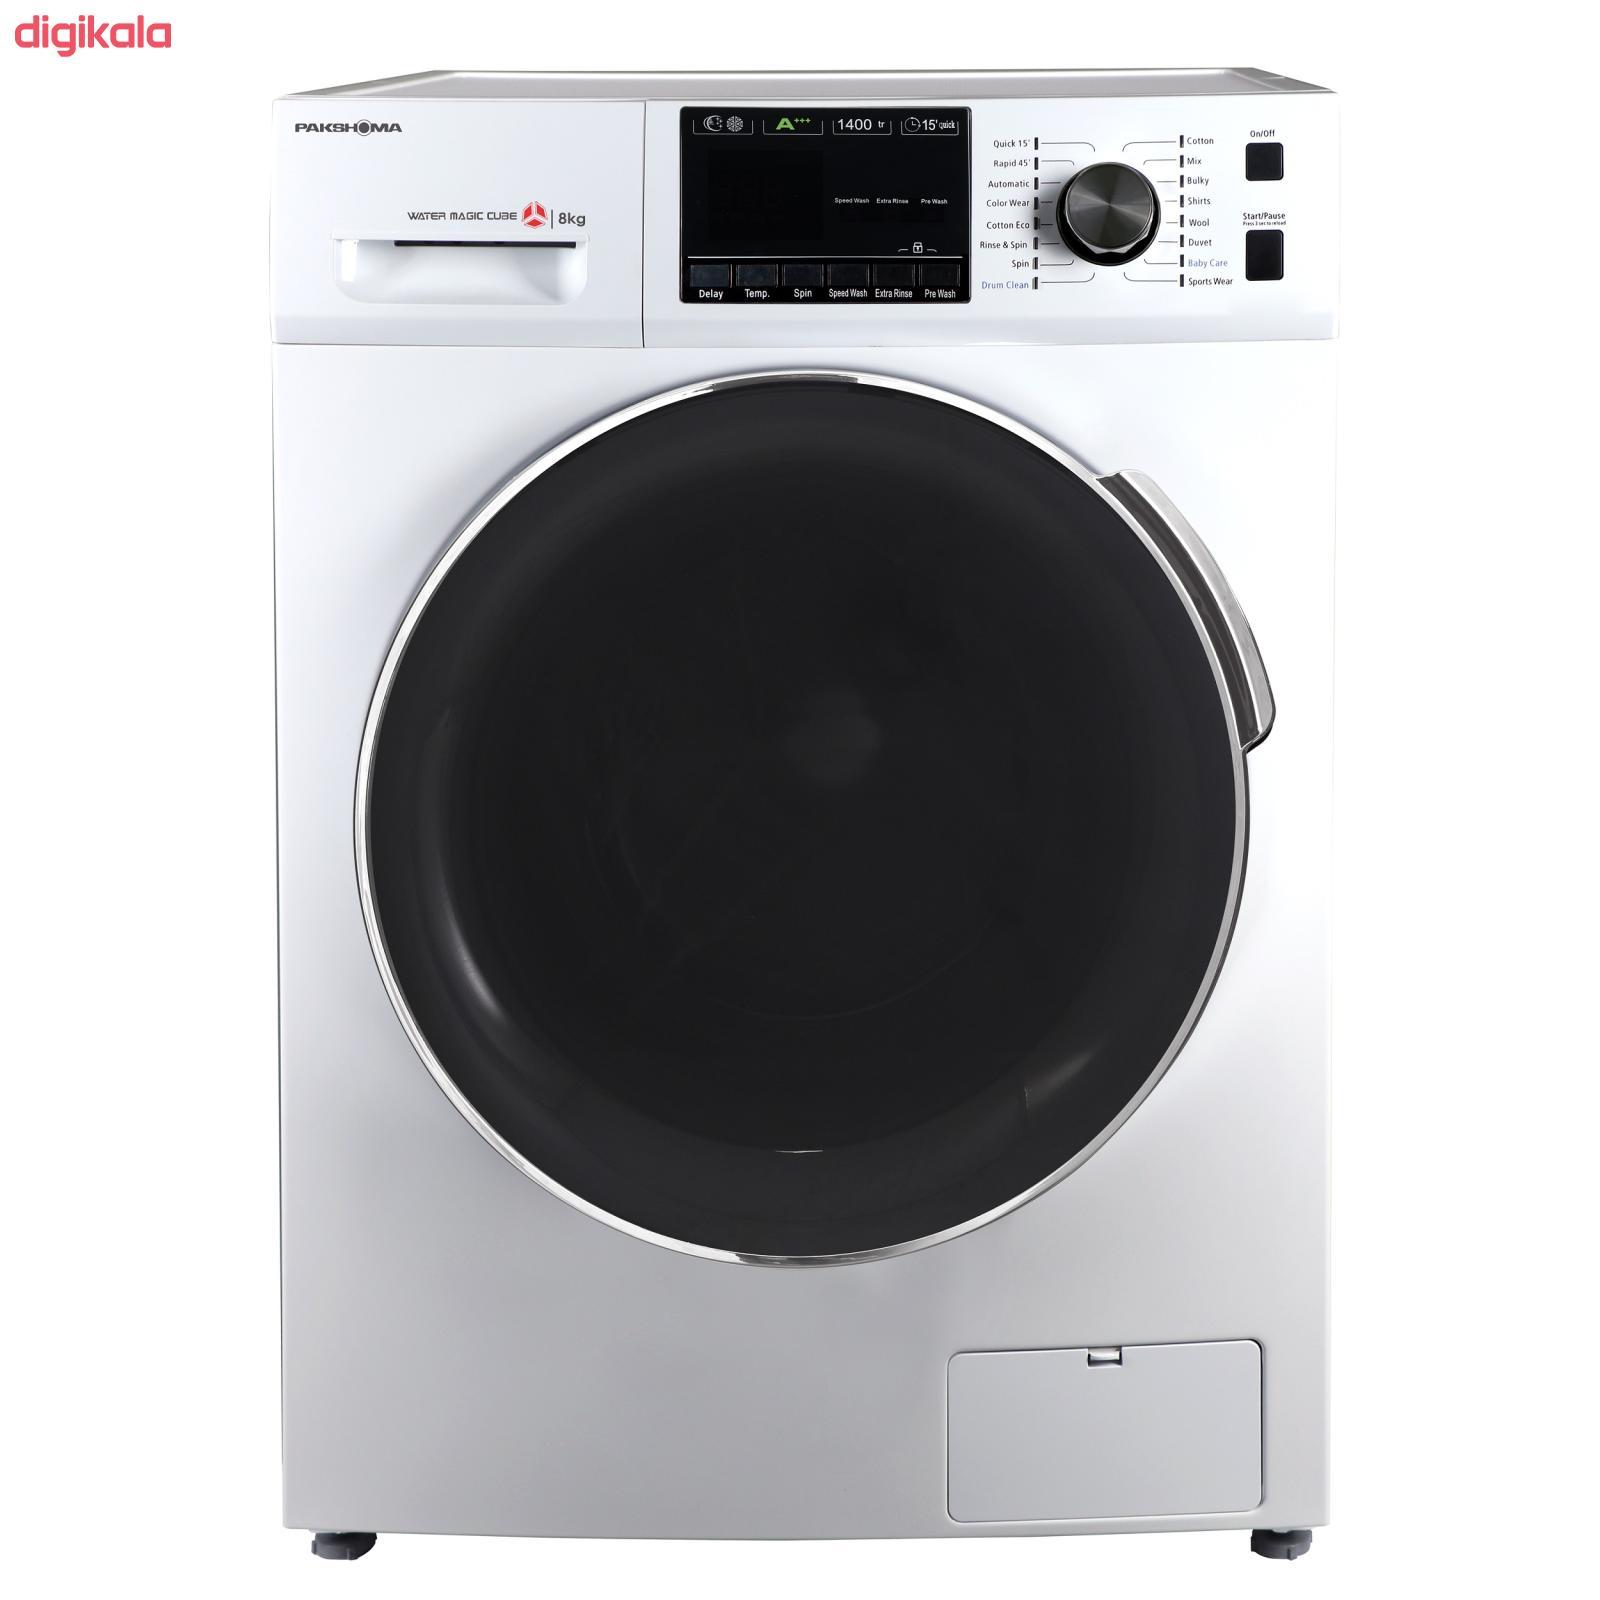 ماشین لباسشویی پاکشوما مدل TFU-84401 ظرفیت 8 کیلوگرم main 1 1